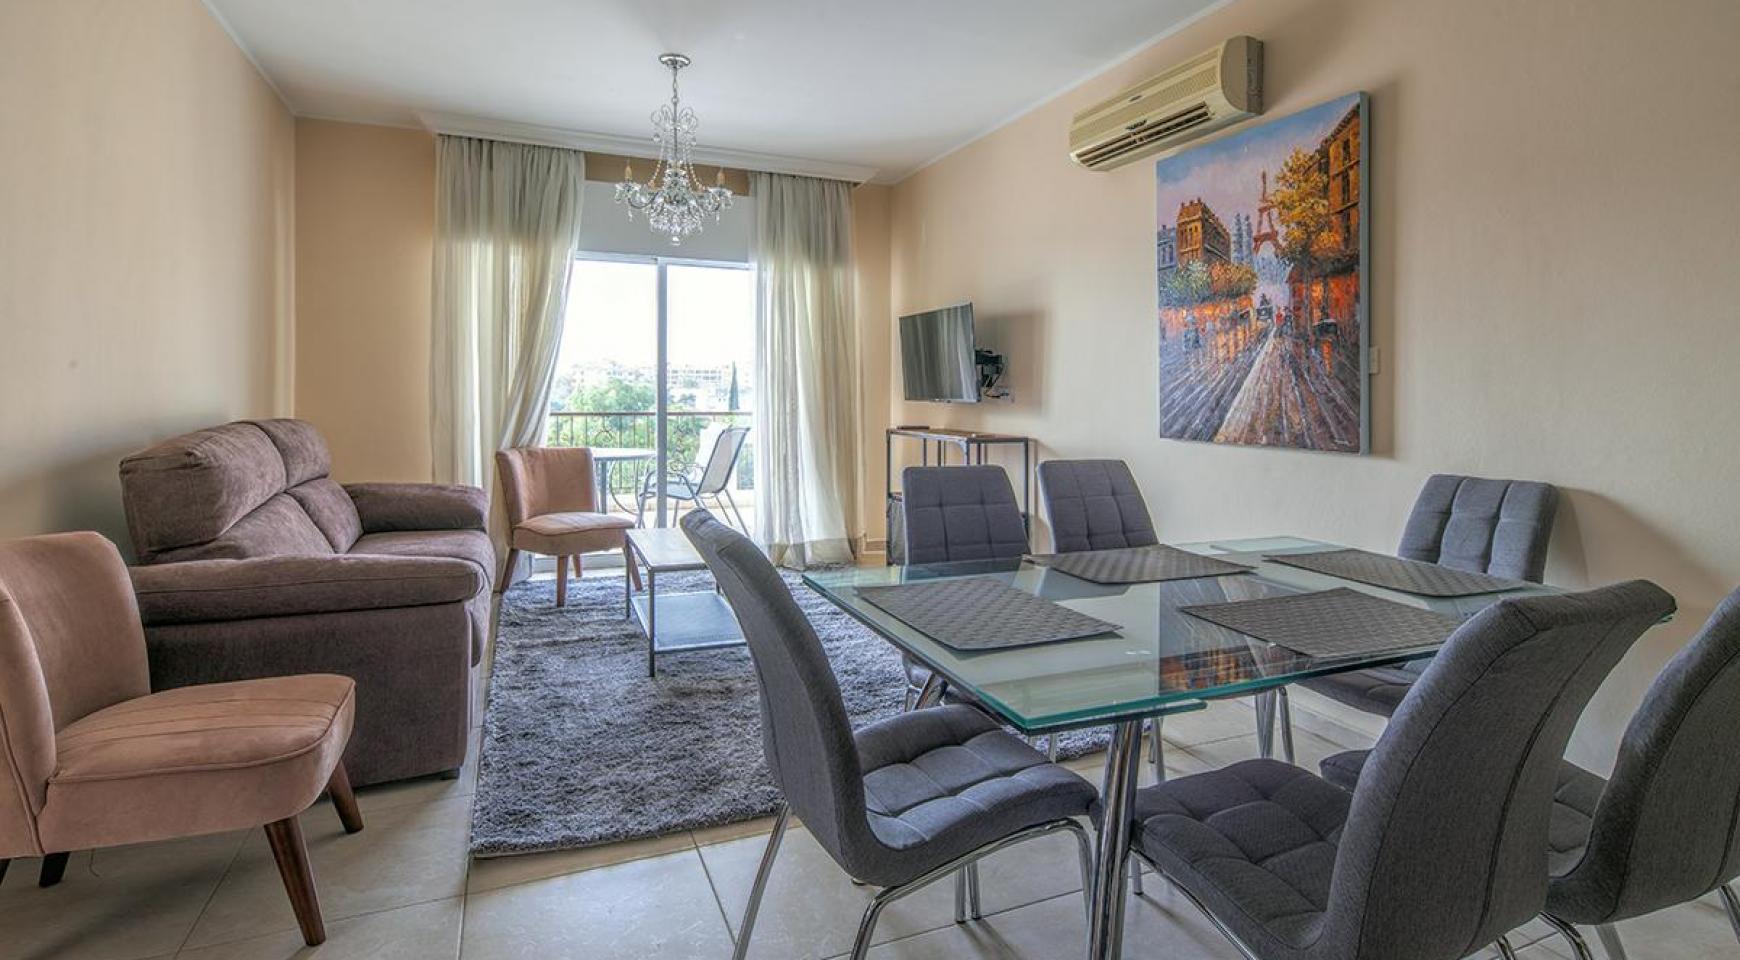 """2-Спальная Квартира - Люкс """"Mesogios Iris 301"""" в Туристической Зоне возле Моря - 3"""